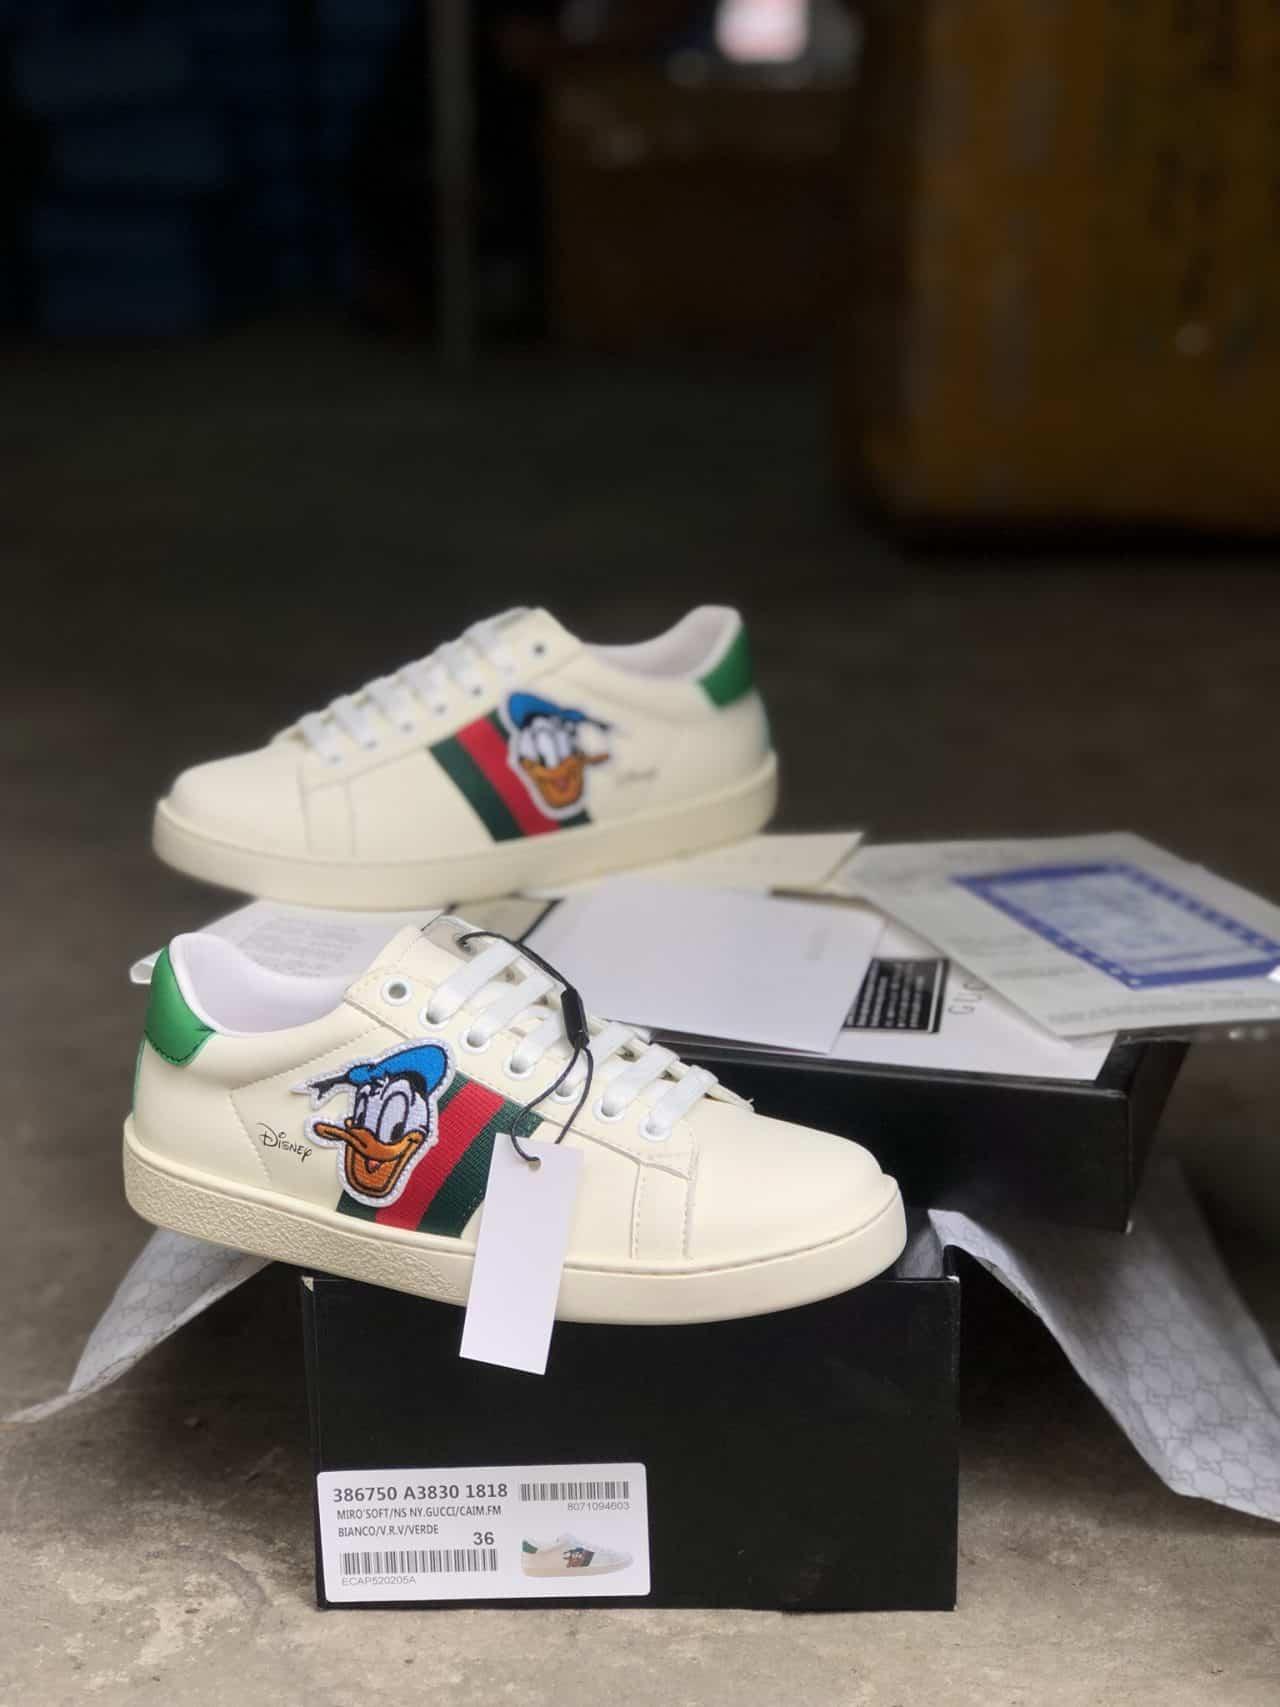 Giày Gucci Vịt rep 1:1 có thiết kế hoạt hình đáng yêu và đầy ngộ nghĩnh